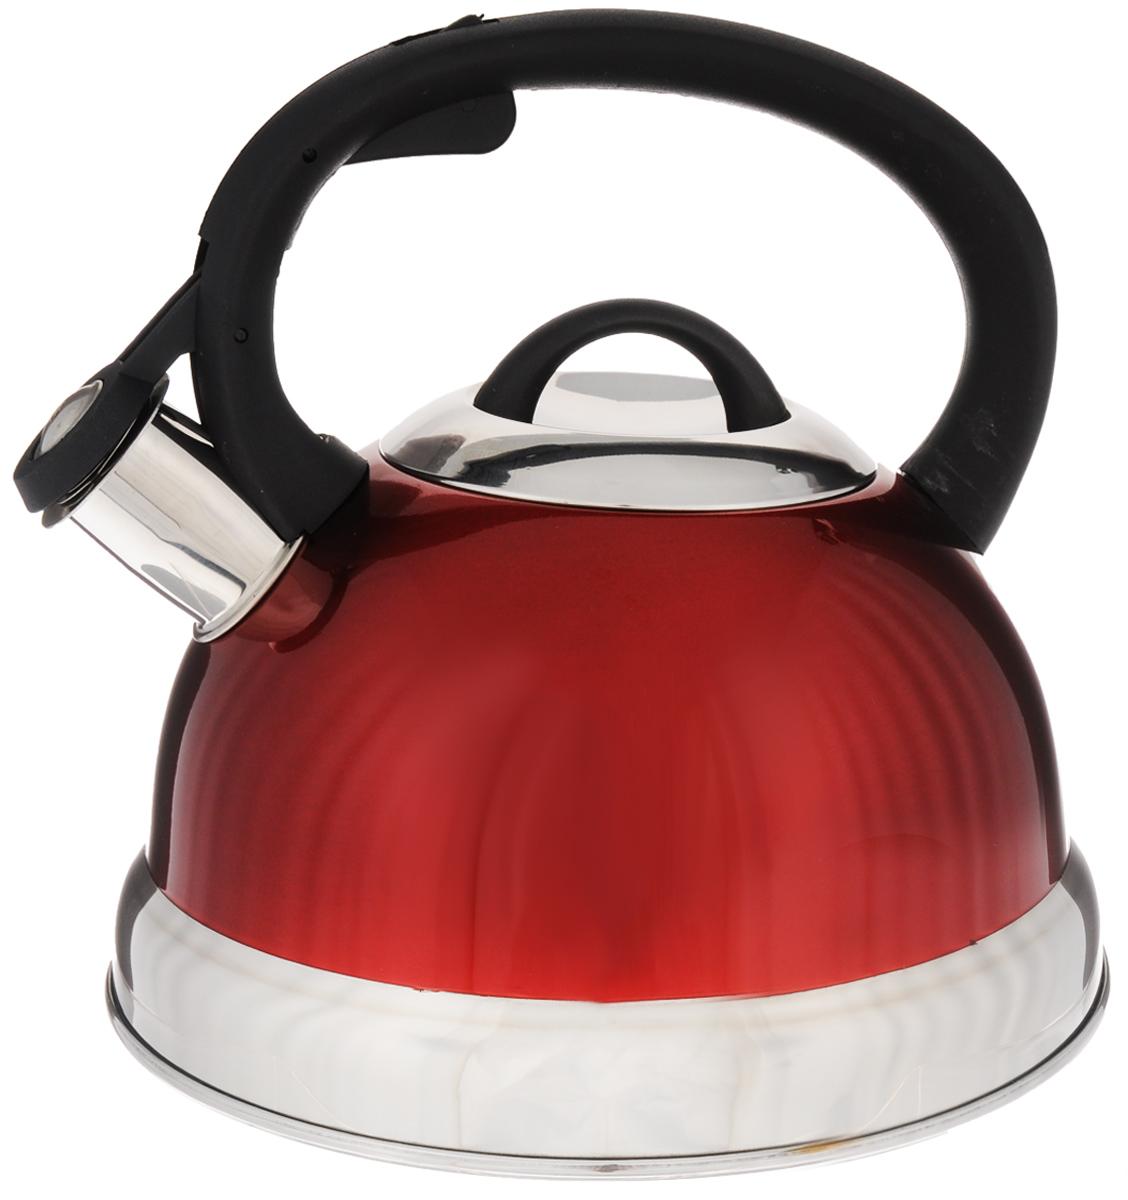 Чайник Mayer & Boch, со свистком, цвет: красный, черный, серебристый, 2,6 л. 2727Чайник Mayer & Boch выполнен из высококачественной нержавеющей стали, что делает его весьма гигиеничным и устойчивым к износу при длительном использовании. Носик чайника оснащен насадкой-свистком, что позволит вам контролировать процесс подогрева или кипячения воды. Фиксированная ручка, изготовленная из пластика, делает использование чайника очень удобным и безопасным. Поверхность чайника гладкая, что облегчает уход за ним. Эстетичный и функциональный чайник будет оригинально смотреться в любом интерьере. Подходит для всех типов плит, включая индукционные. Можно мыть в посудомоечной машине. Высота чайника (с учетом ручки и крышки): 20,5 см. Диаметр чайника (по верхнему краю): 10,5 см. Диаметр основания: 21 см. Диаметр индукционного диска: 14,5 см.